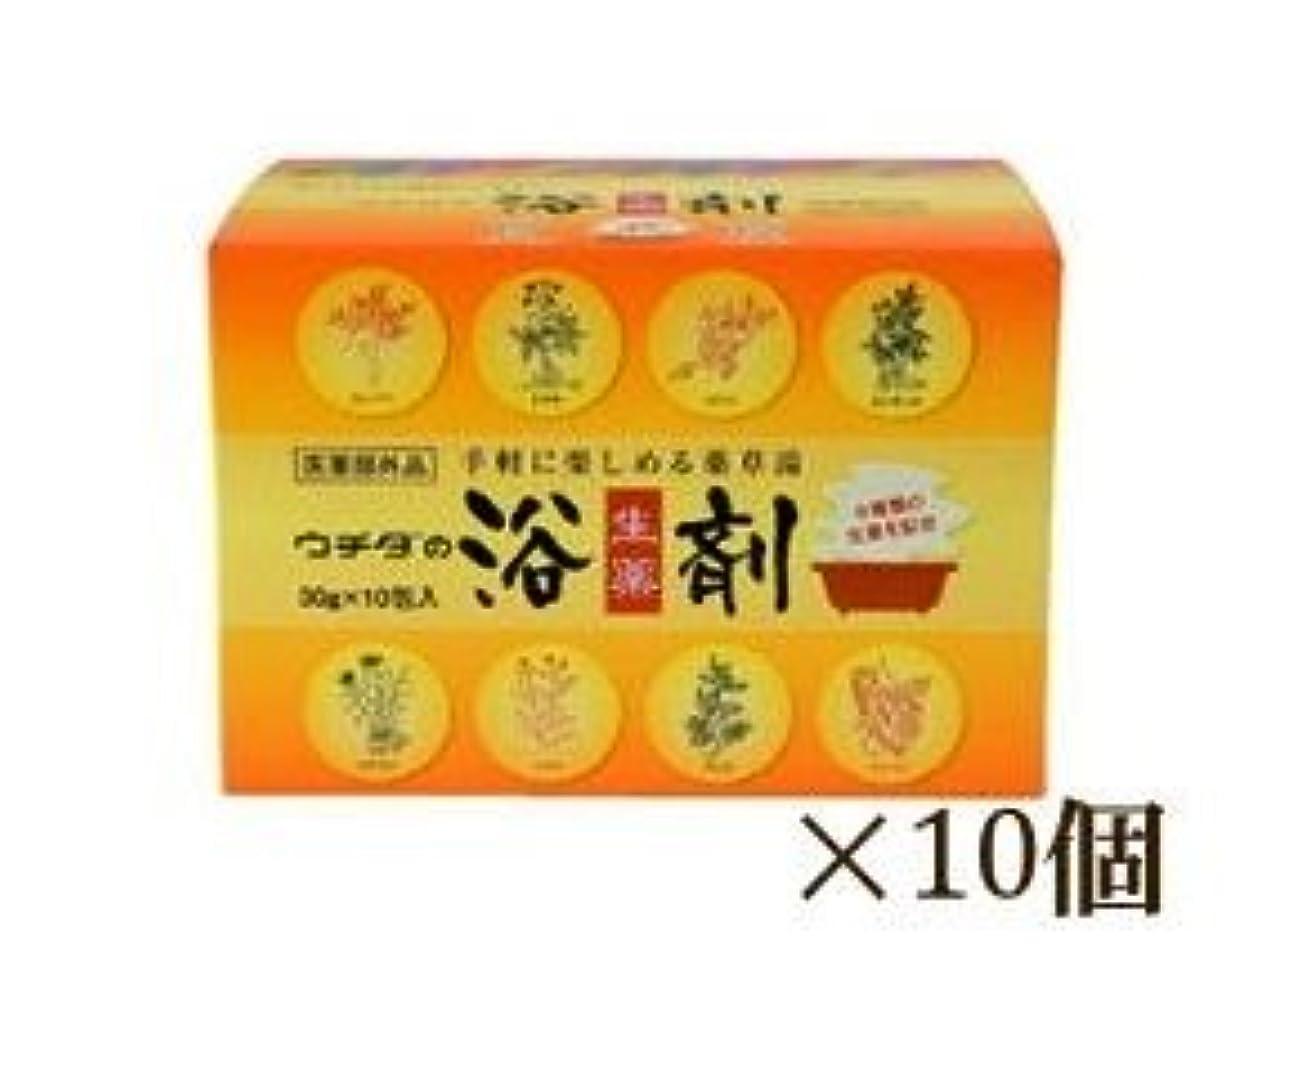 眠りなめる四面体ウチダの生薬浴剤 10箱セット (1箱30g×10包) 医薬部外品